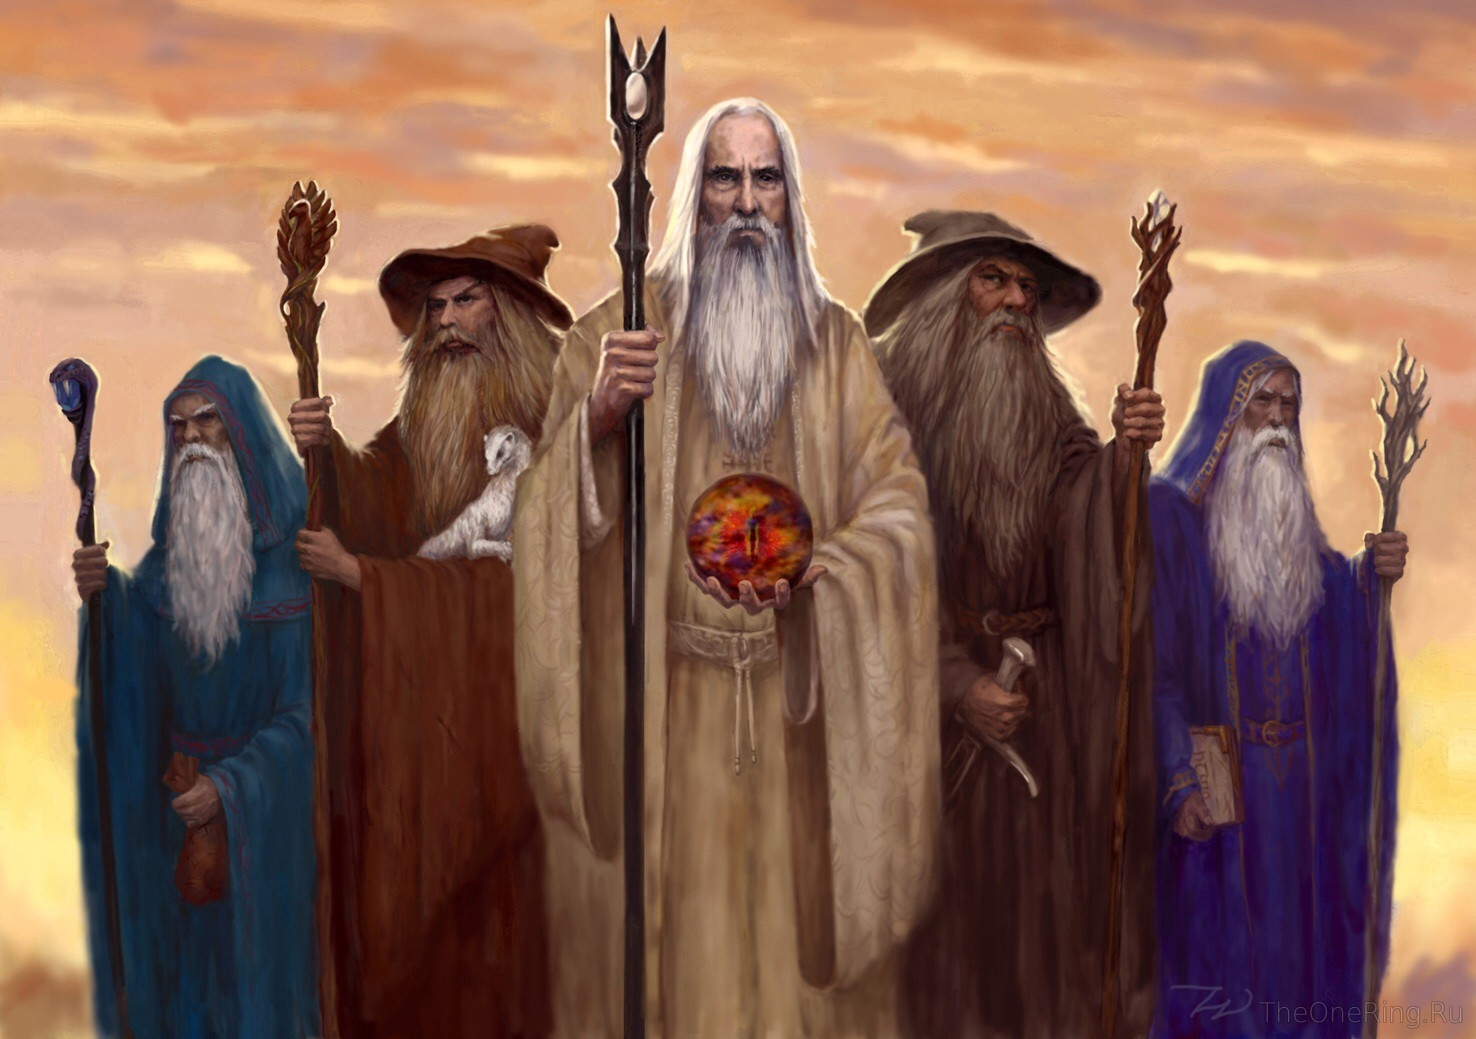 картинки всех волшебников размер скидки зависит